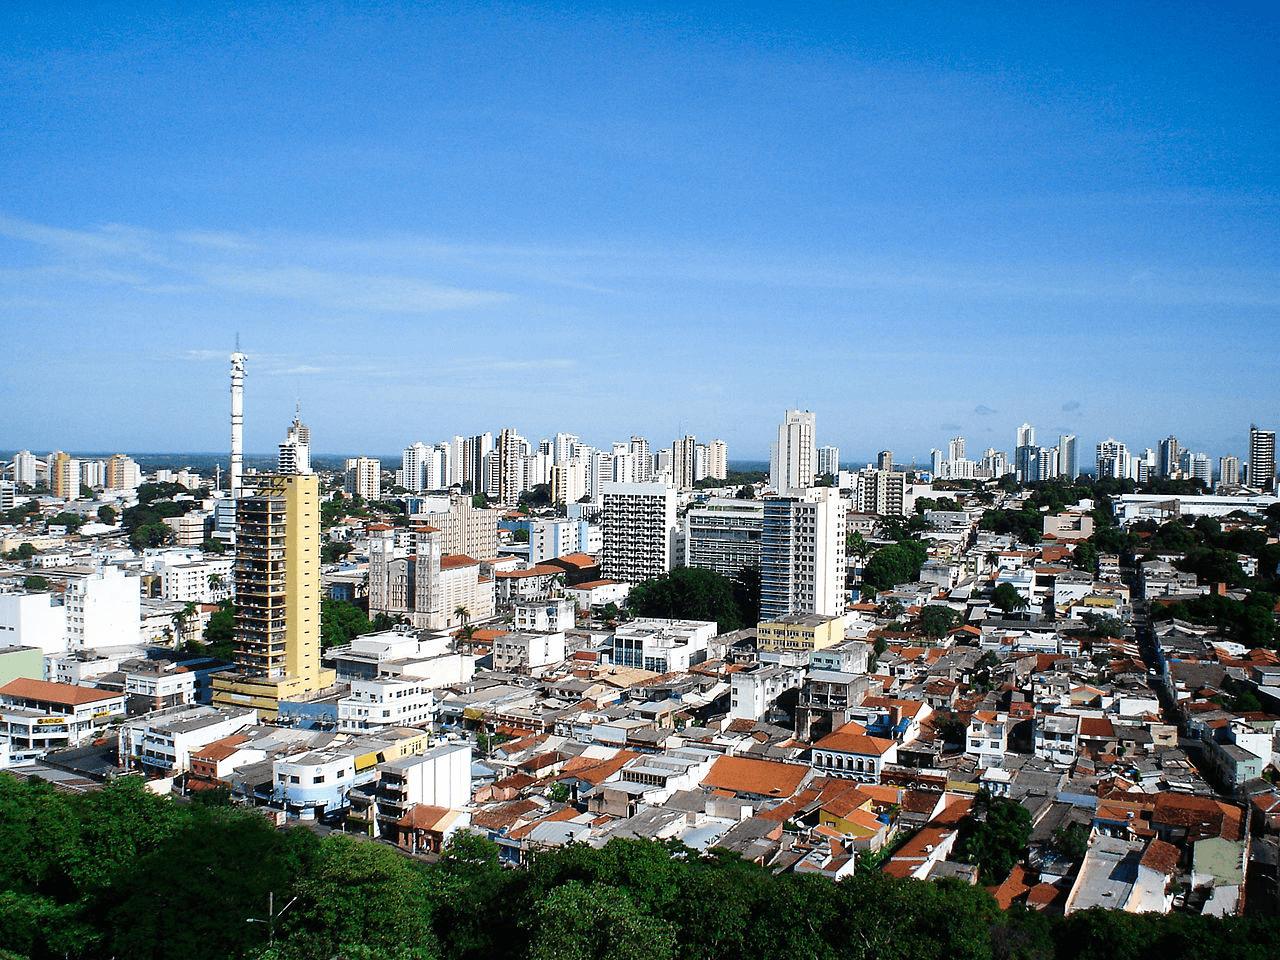 Vista de Cuiabá